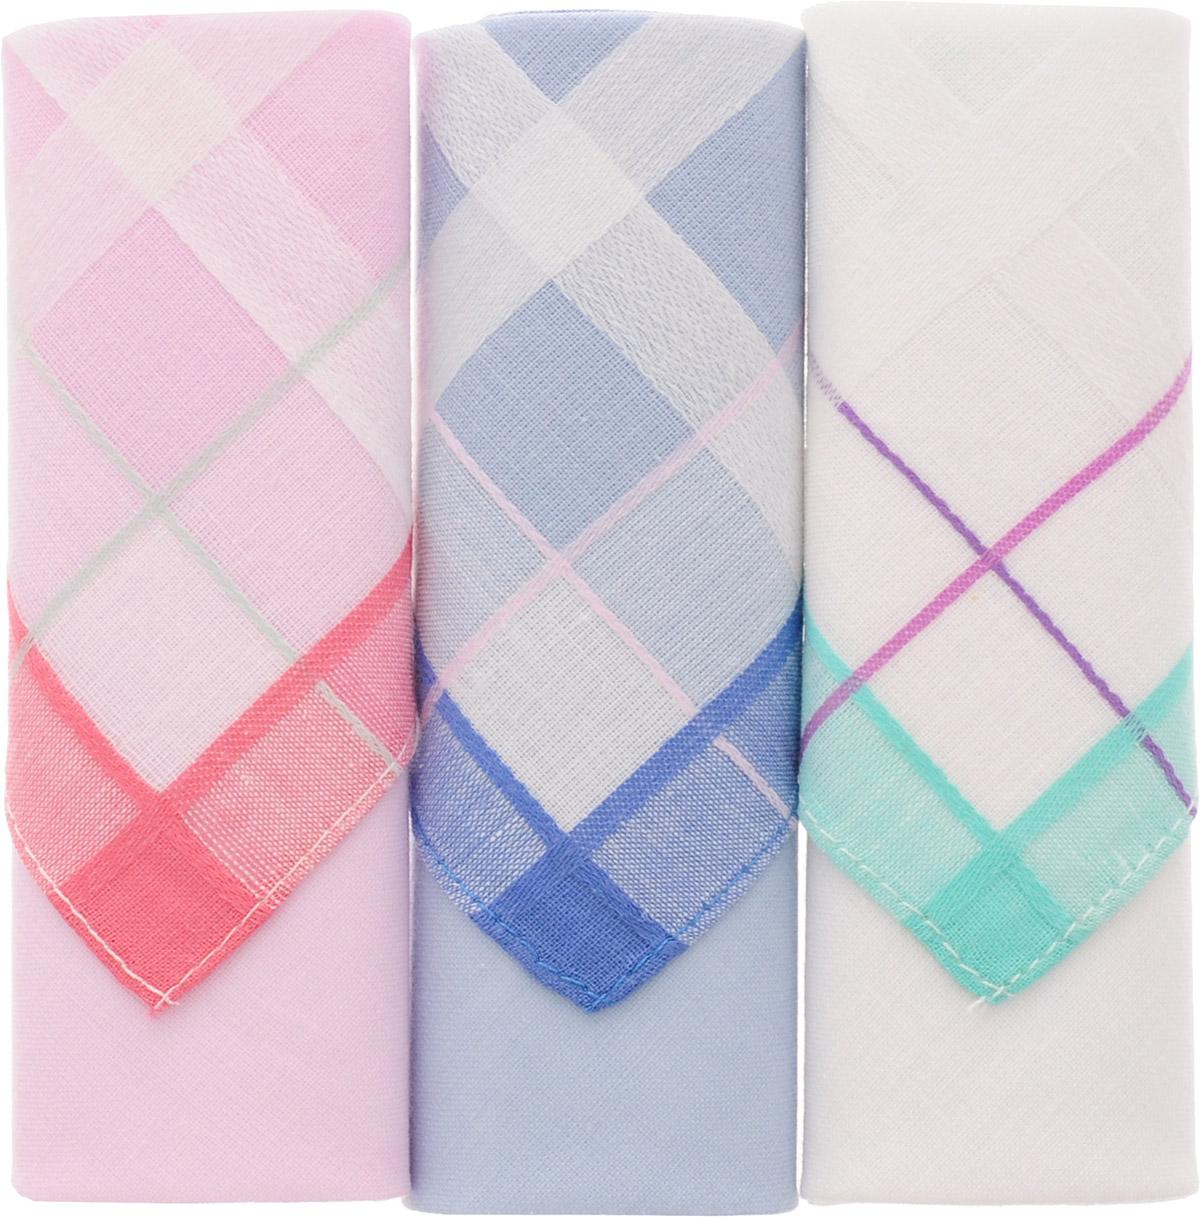 Платок носовой женский Zlata Korunka, цвет: розовый, синий, белый, 3 шт. 71321-3. Размер 34 см х 34 смАжурная брошьНебольшой женский носовой платок Zlata Korunka изготовлен из высококачественного натурального хлопка, благодаря чему приятен в использовании, хорошо стирается, не садится и отлично впитывает влагу. Практичный и изящный носовой платок будет незаменим в повседневной жизни любого современного человека. Такой платок послужит стильным аксессуаром и подчеркнет ваше превосходное чувство вкуса.В комплекте 3 платка.